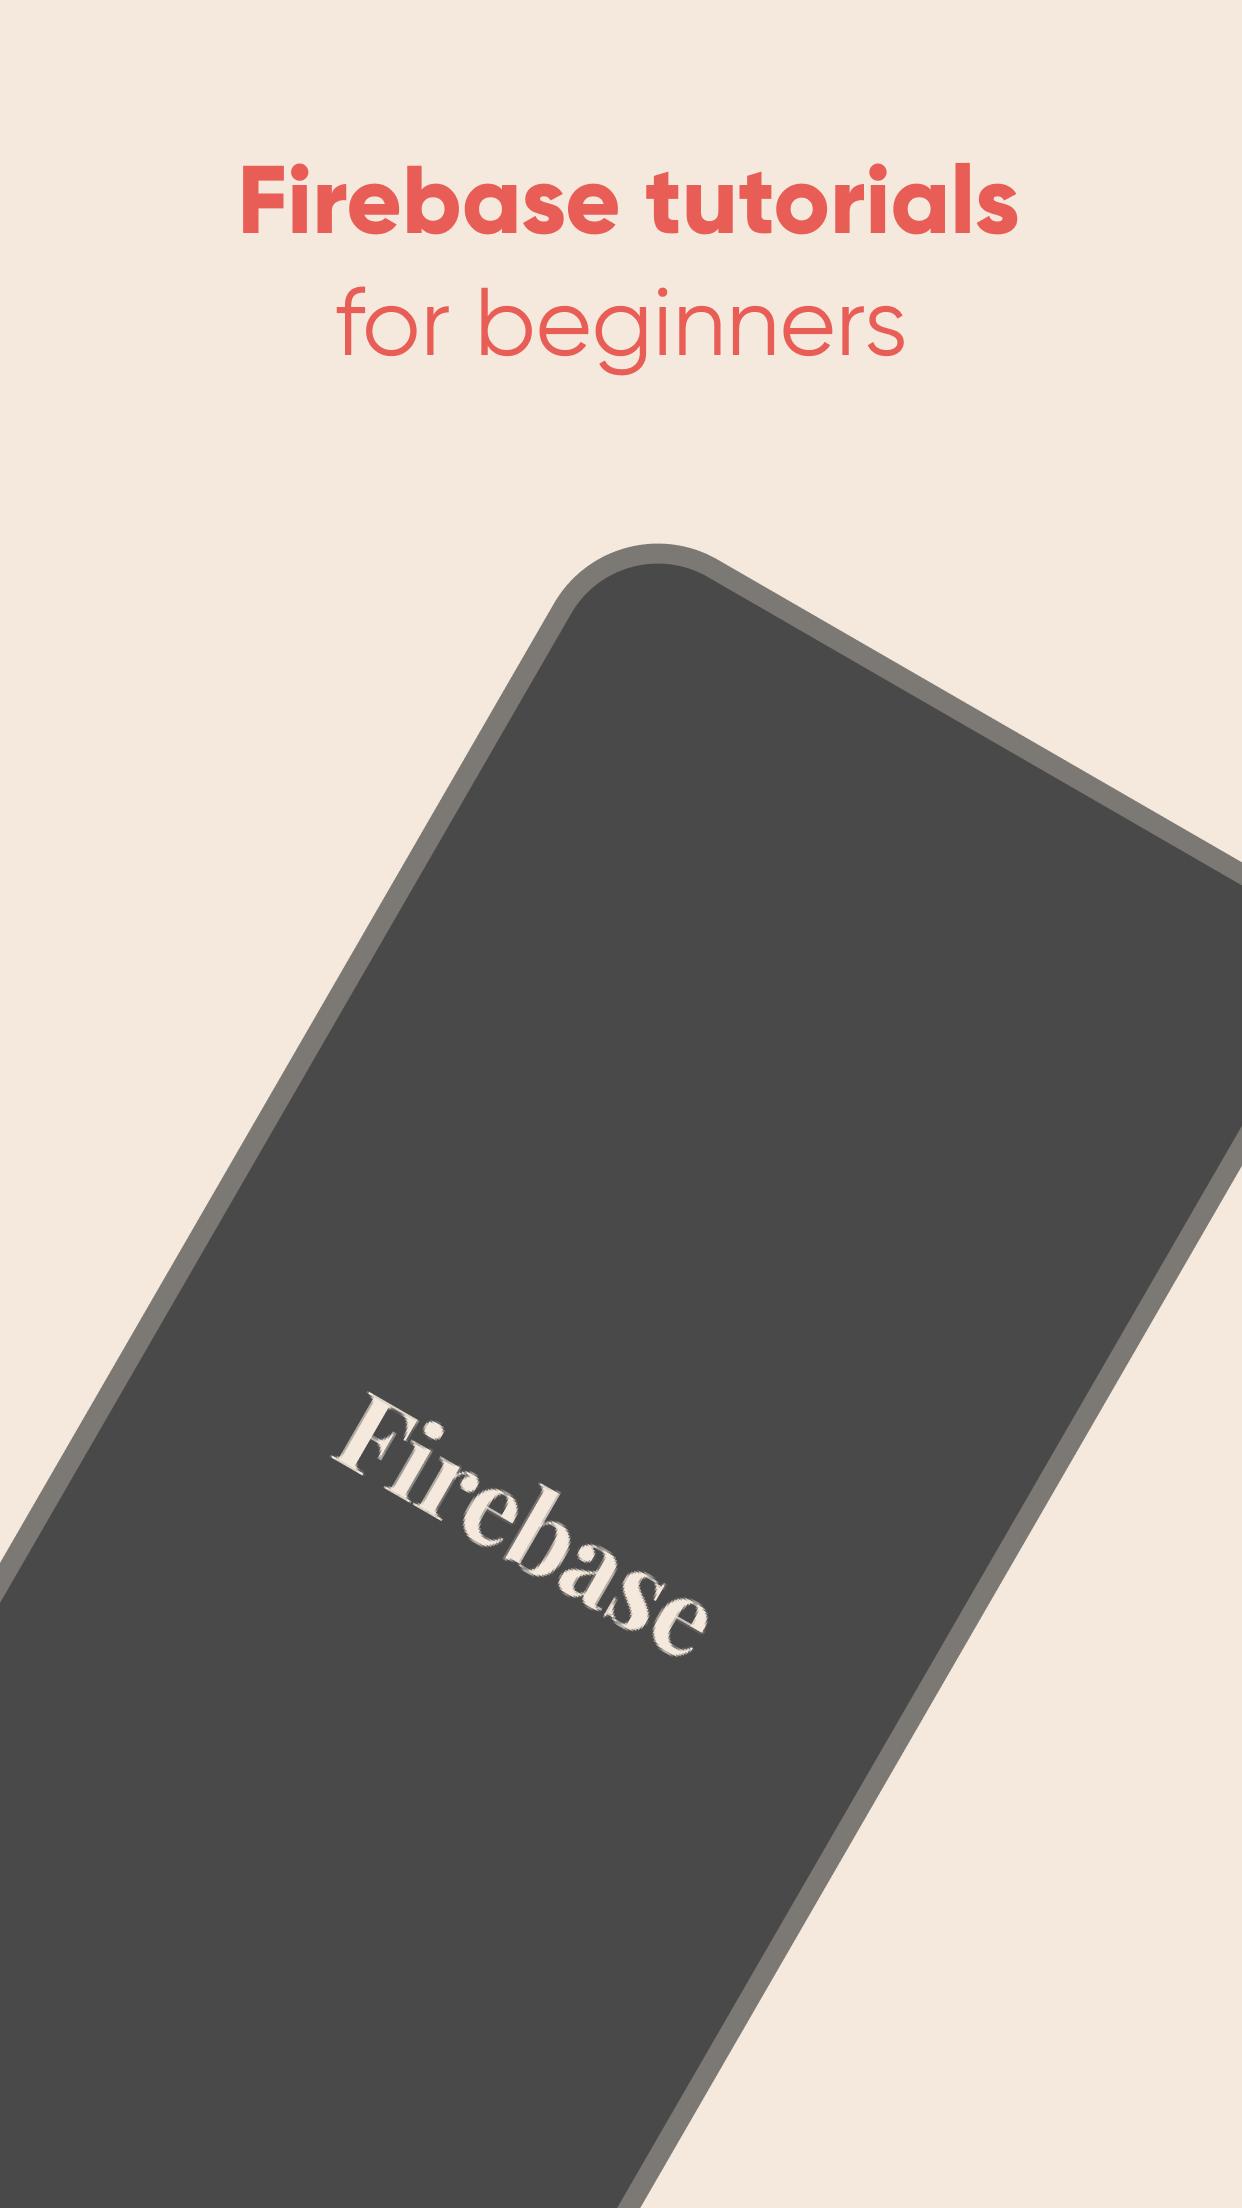 Learn Firebase